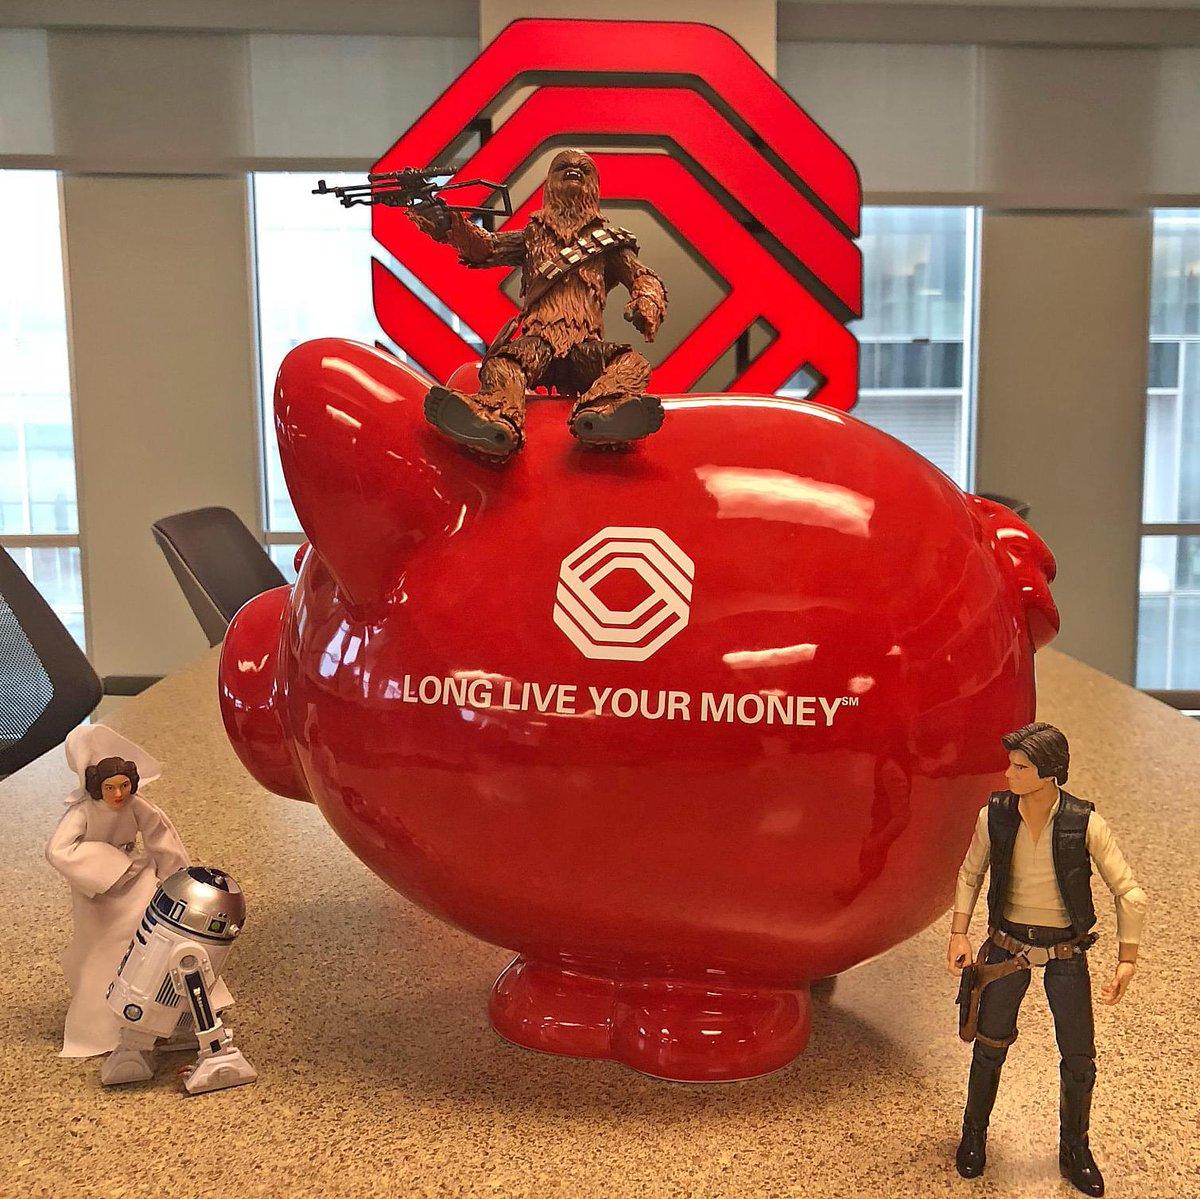 Ezmoney payday loans appleton photo 4